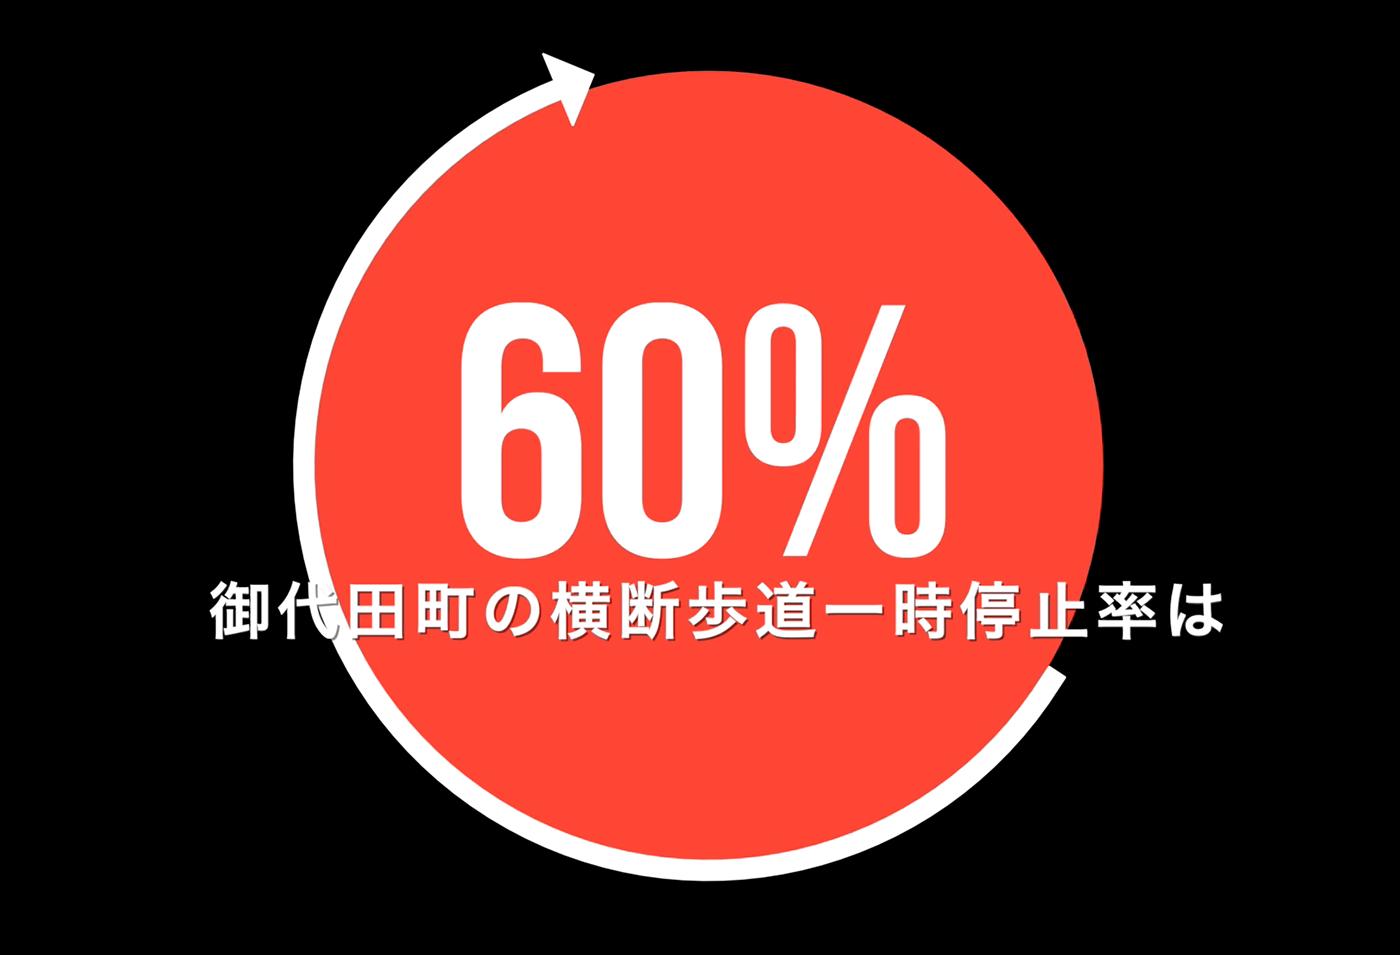 御代田町の横断歩道一時停止率平均